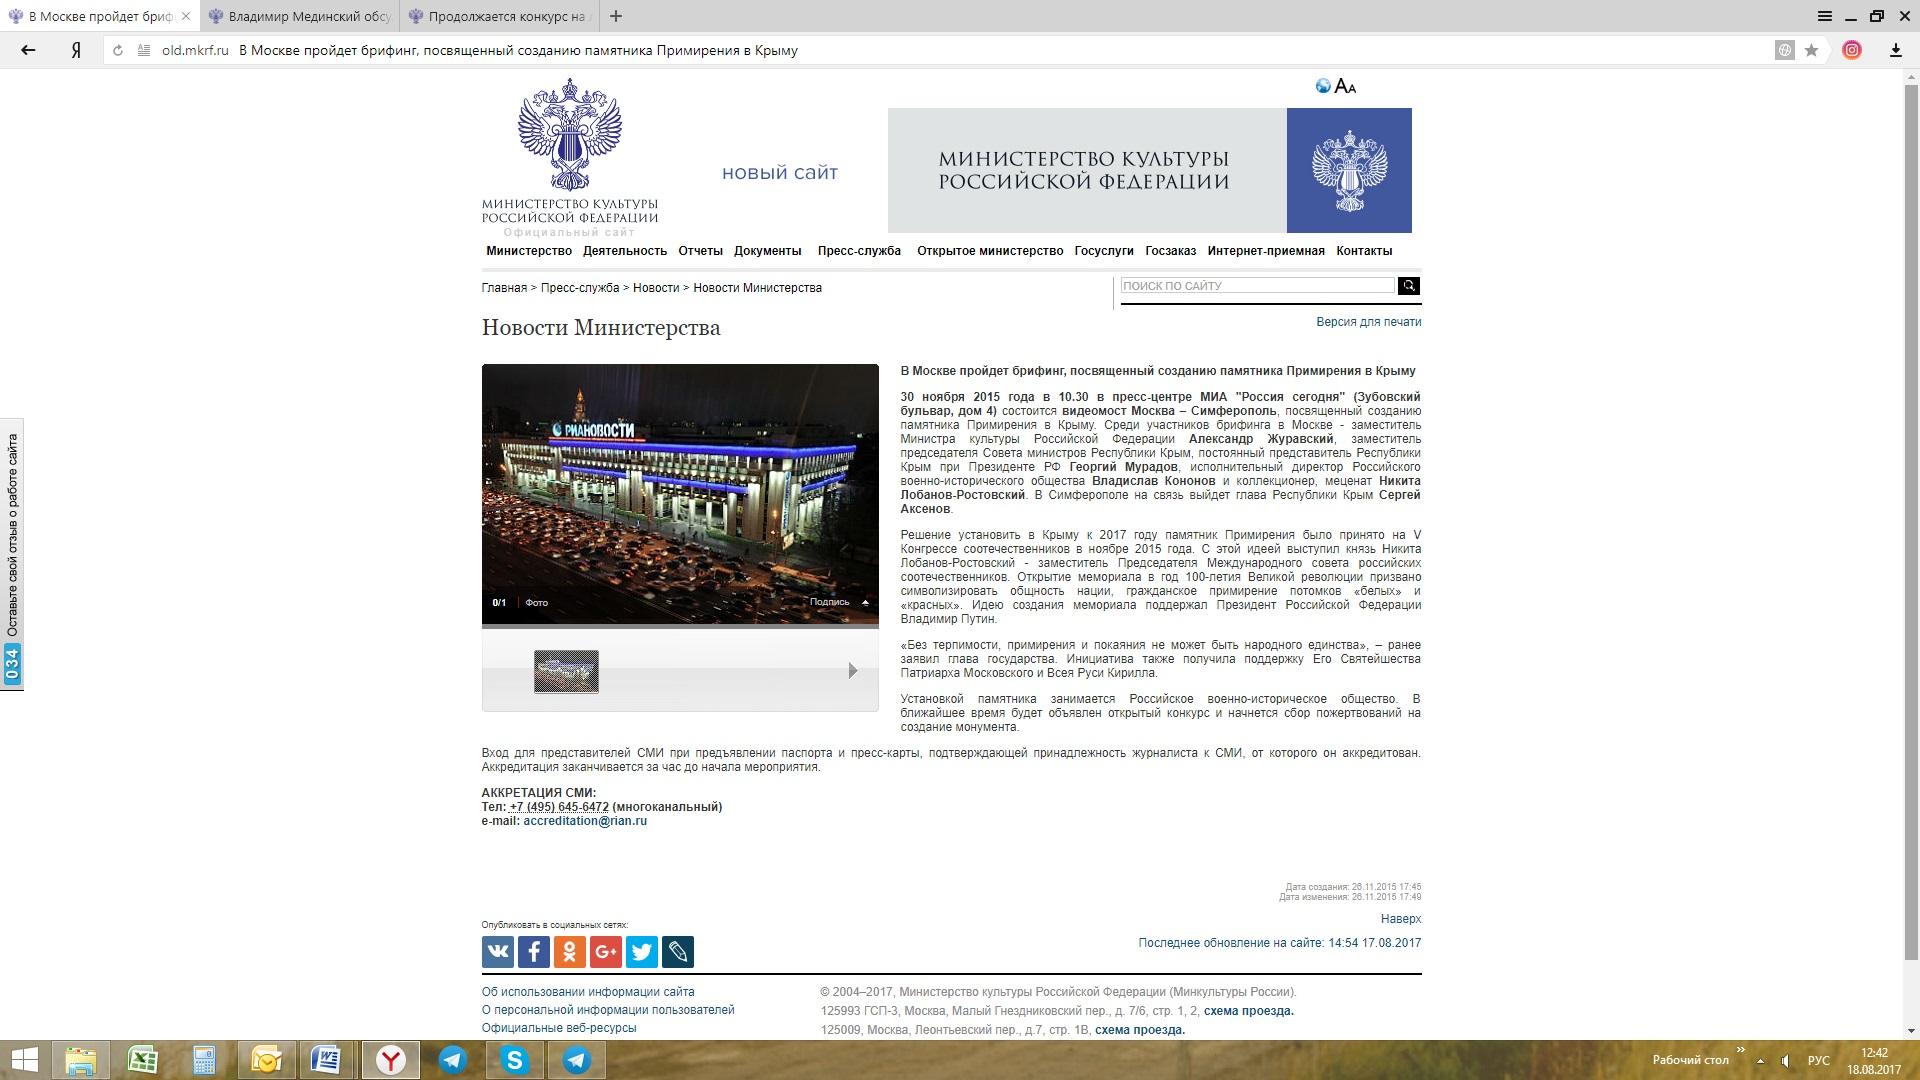 02-Принтскрин сайта Министерства культуры